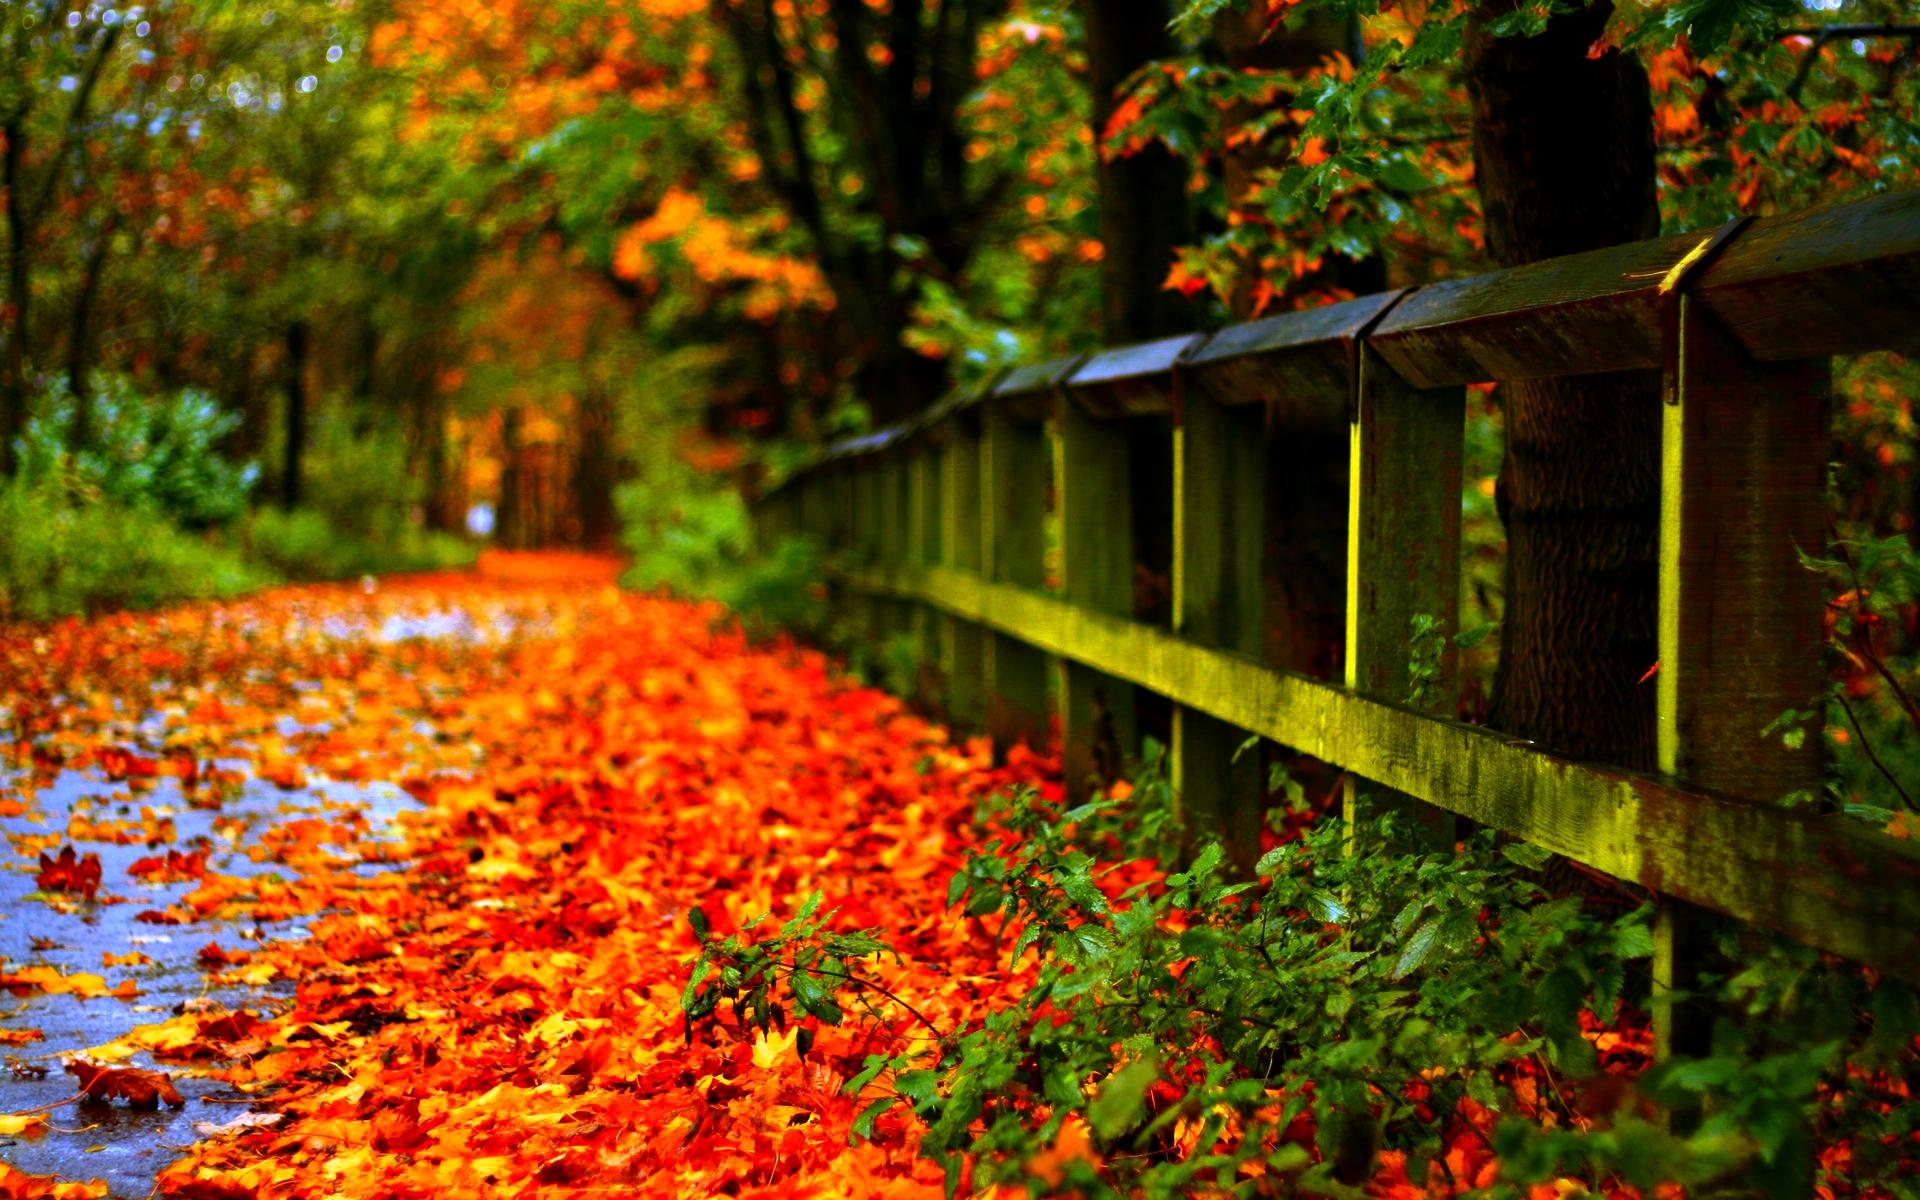 Fall Leaves Hd Mobile Wallpaper Fall Foliage Wallpapers Hd Pixelstalk Net